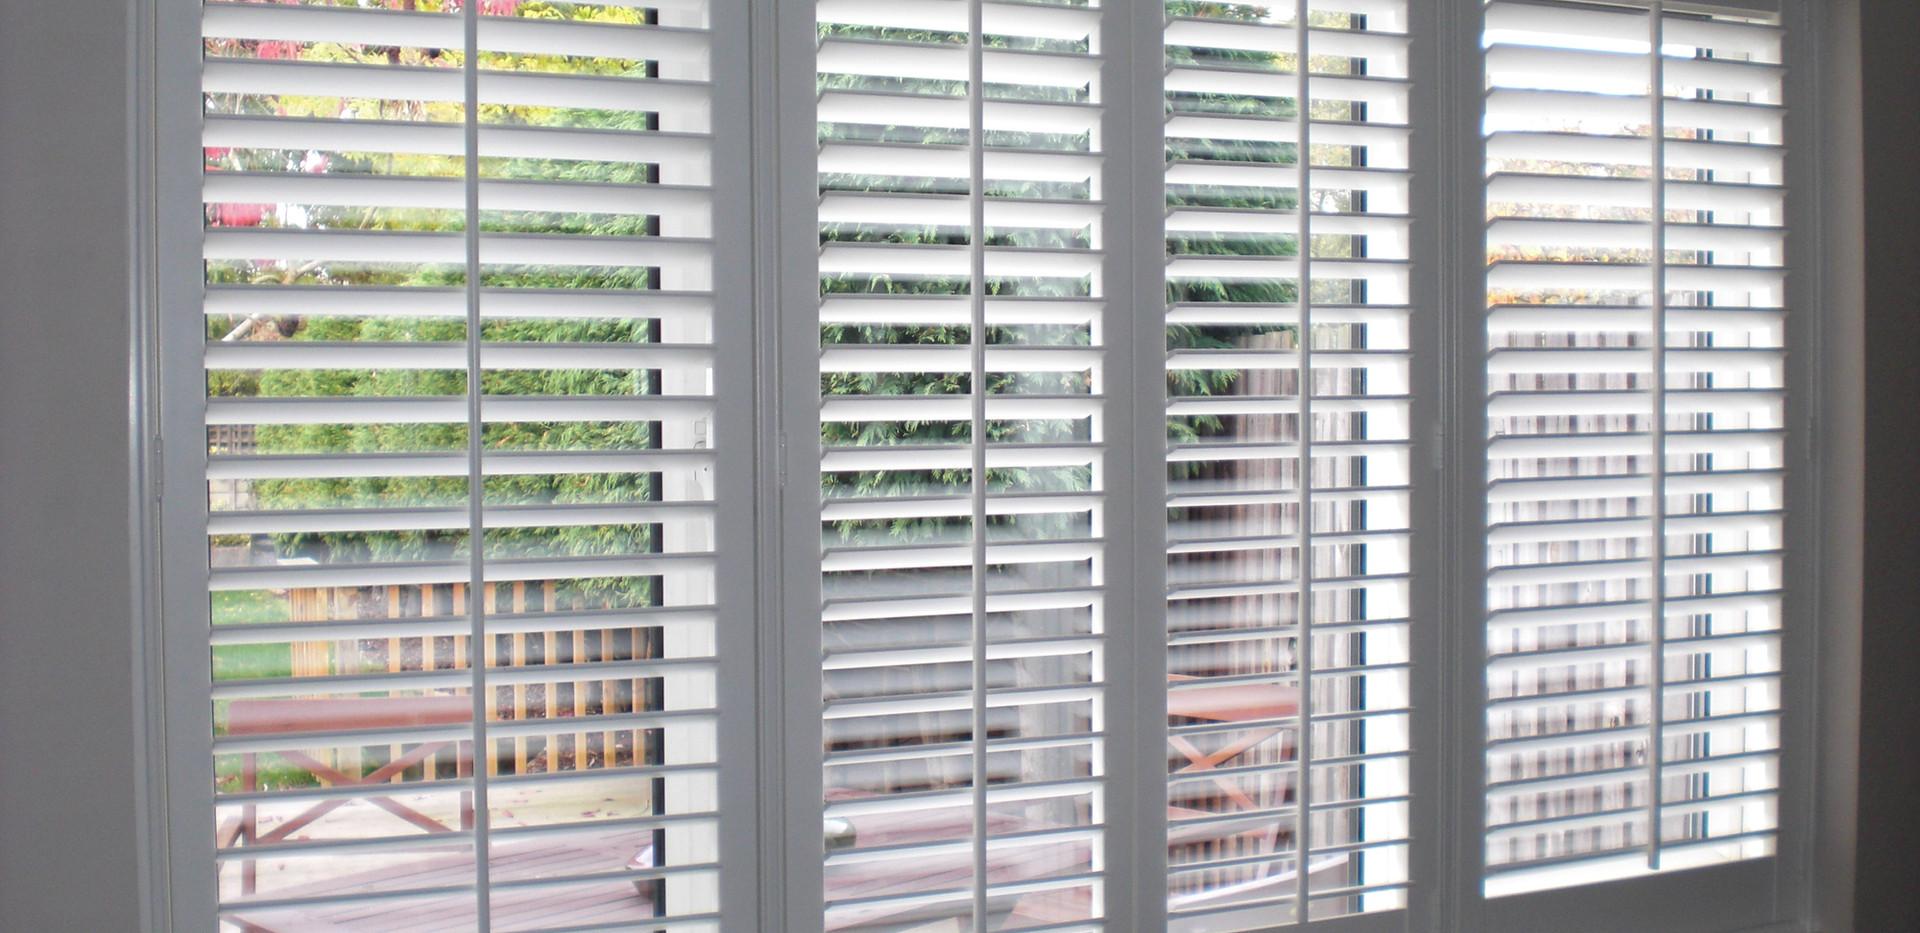 curtains 316.jpg